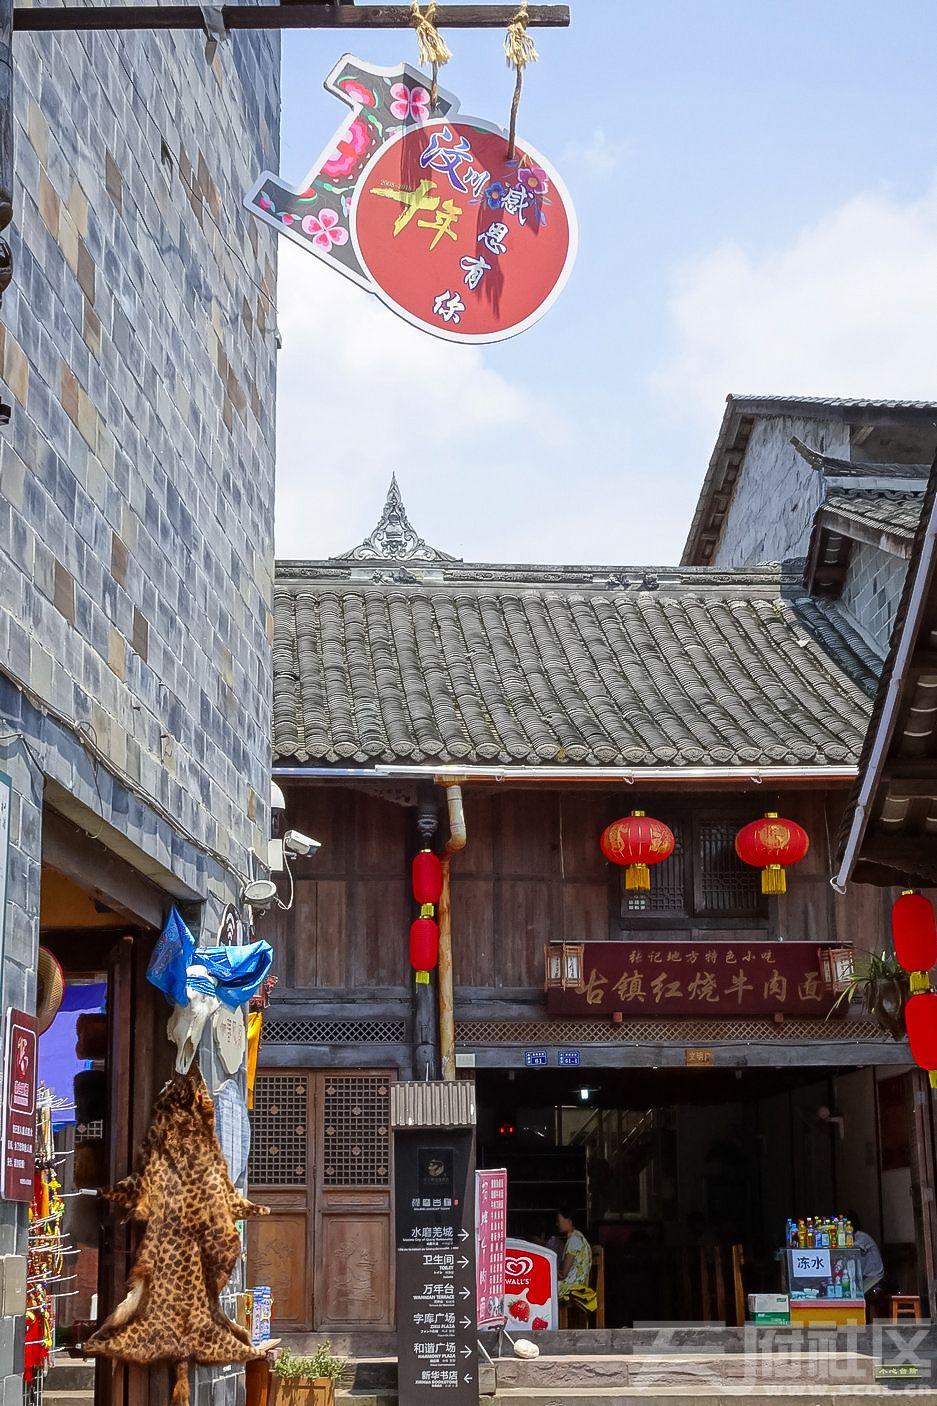 【川西生态区】水磨羌城的禅寿老街